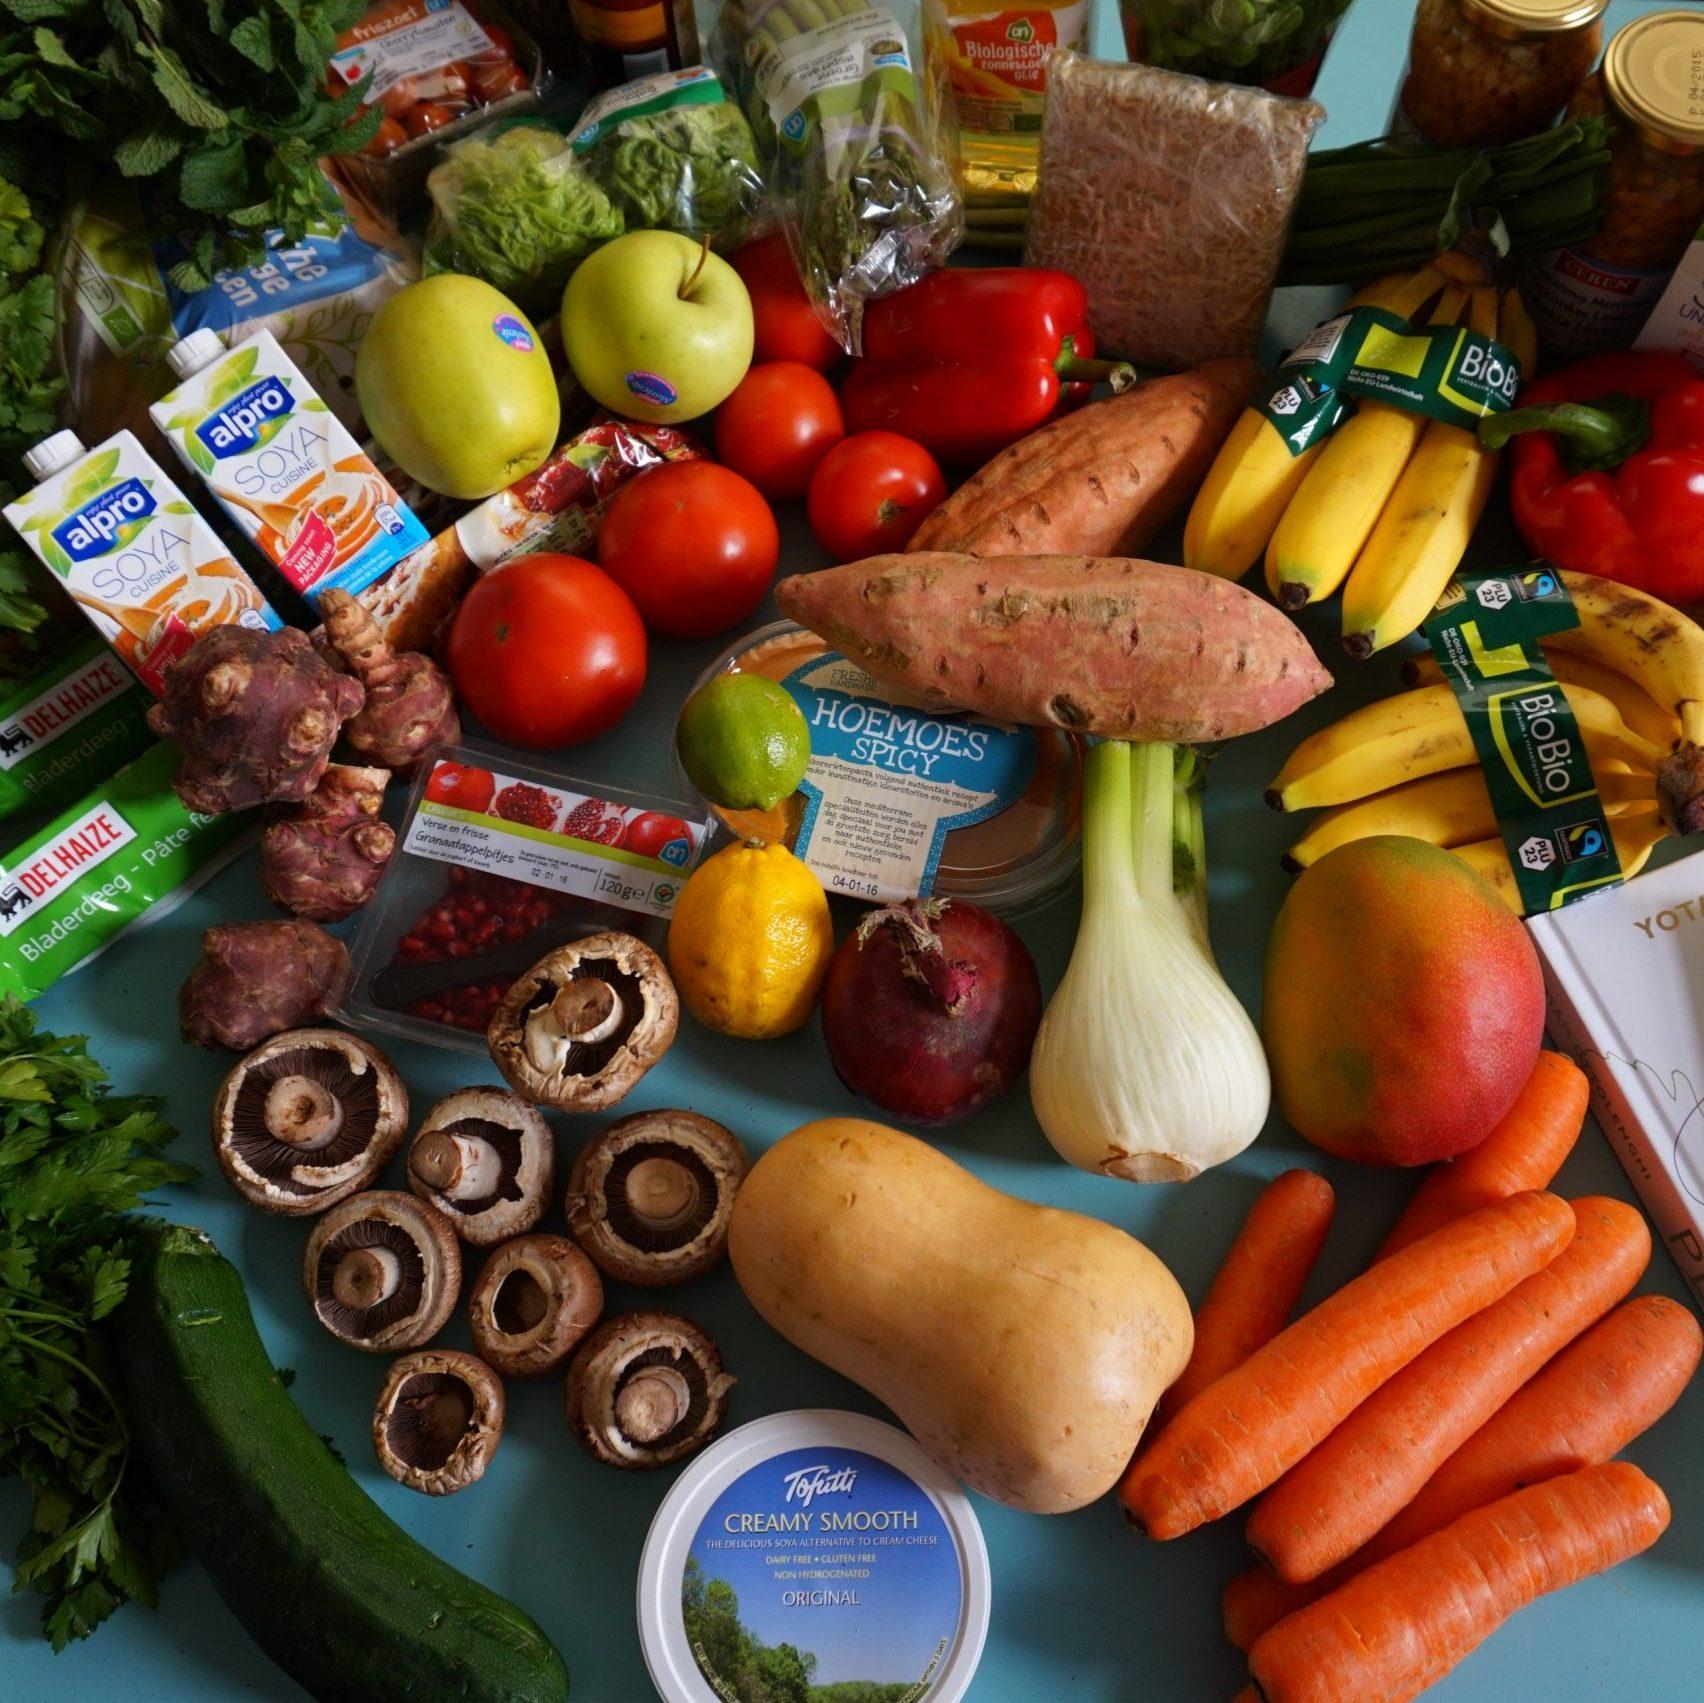 De voordelen van gezond eten